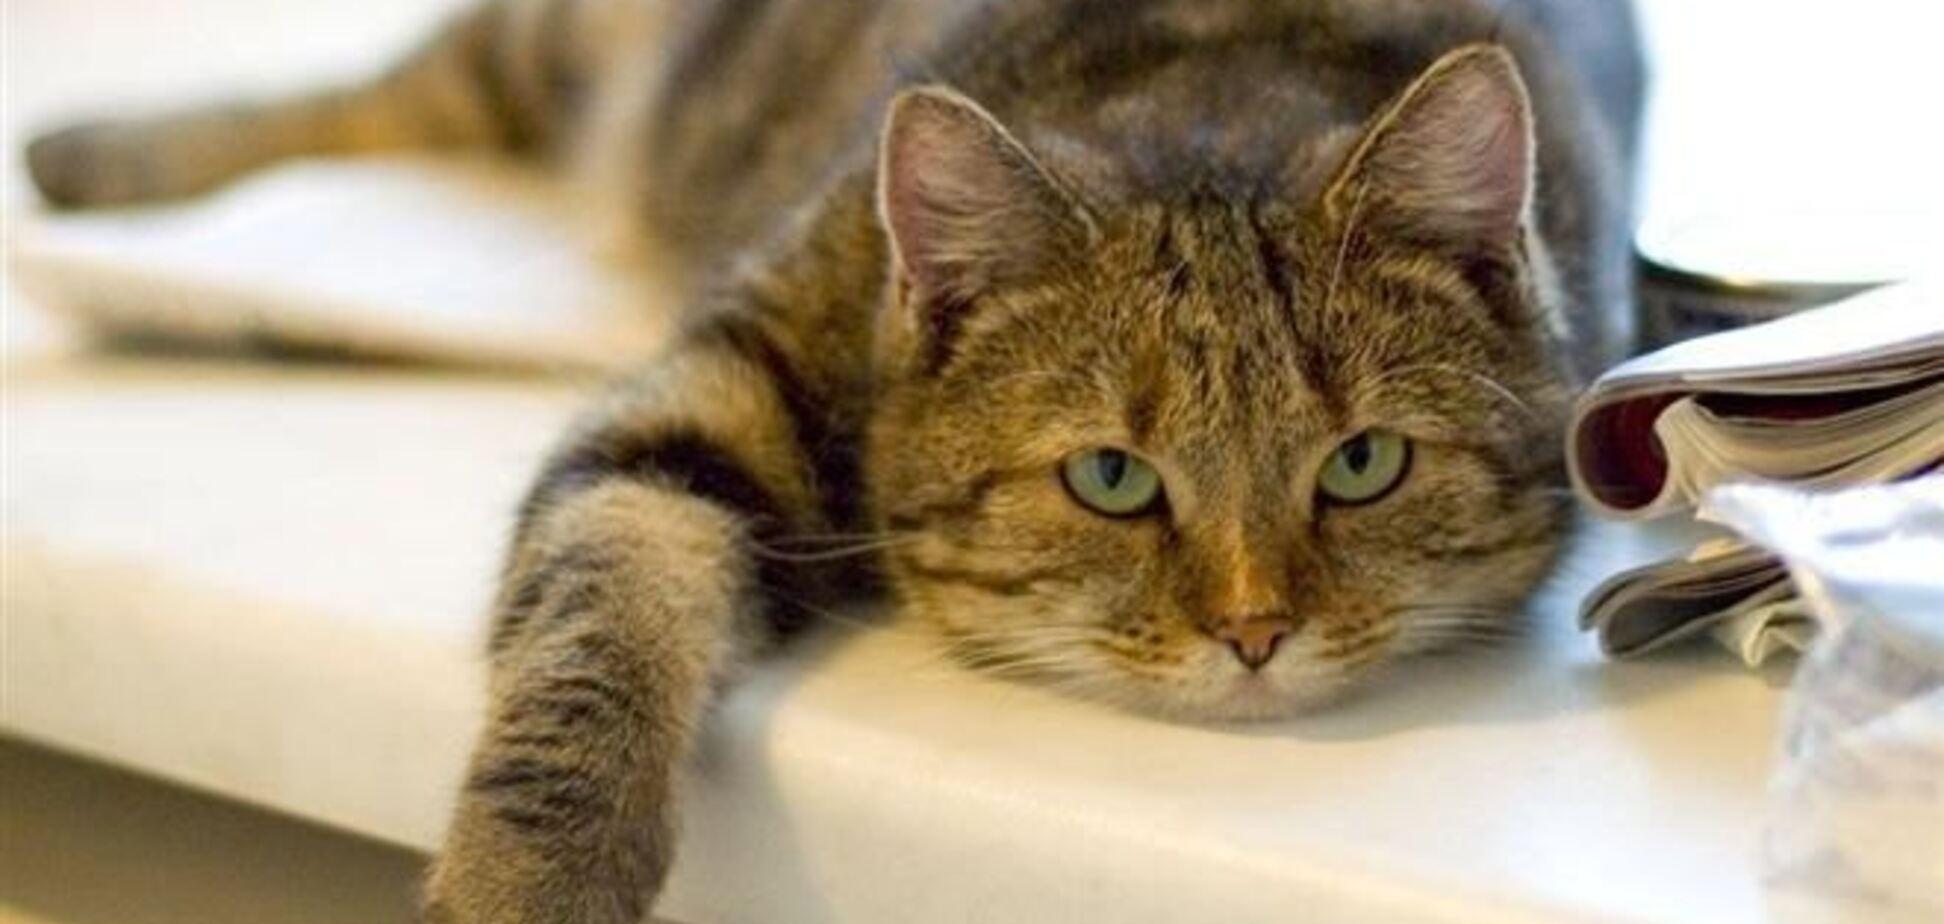 Какими продуктами нельзя кормить кота